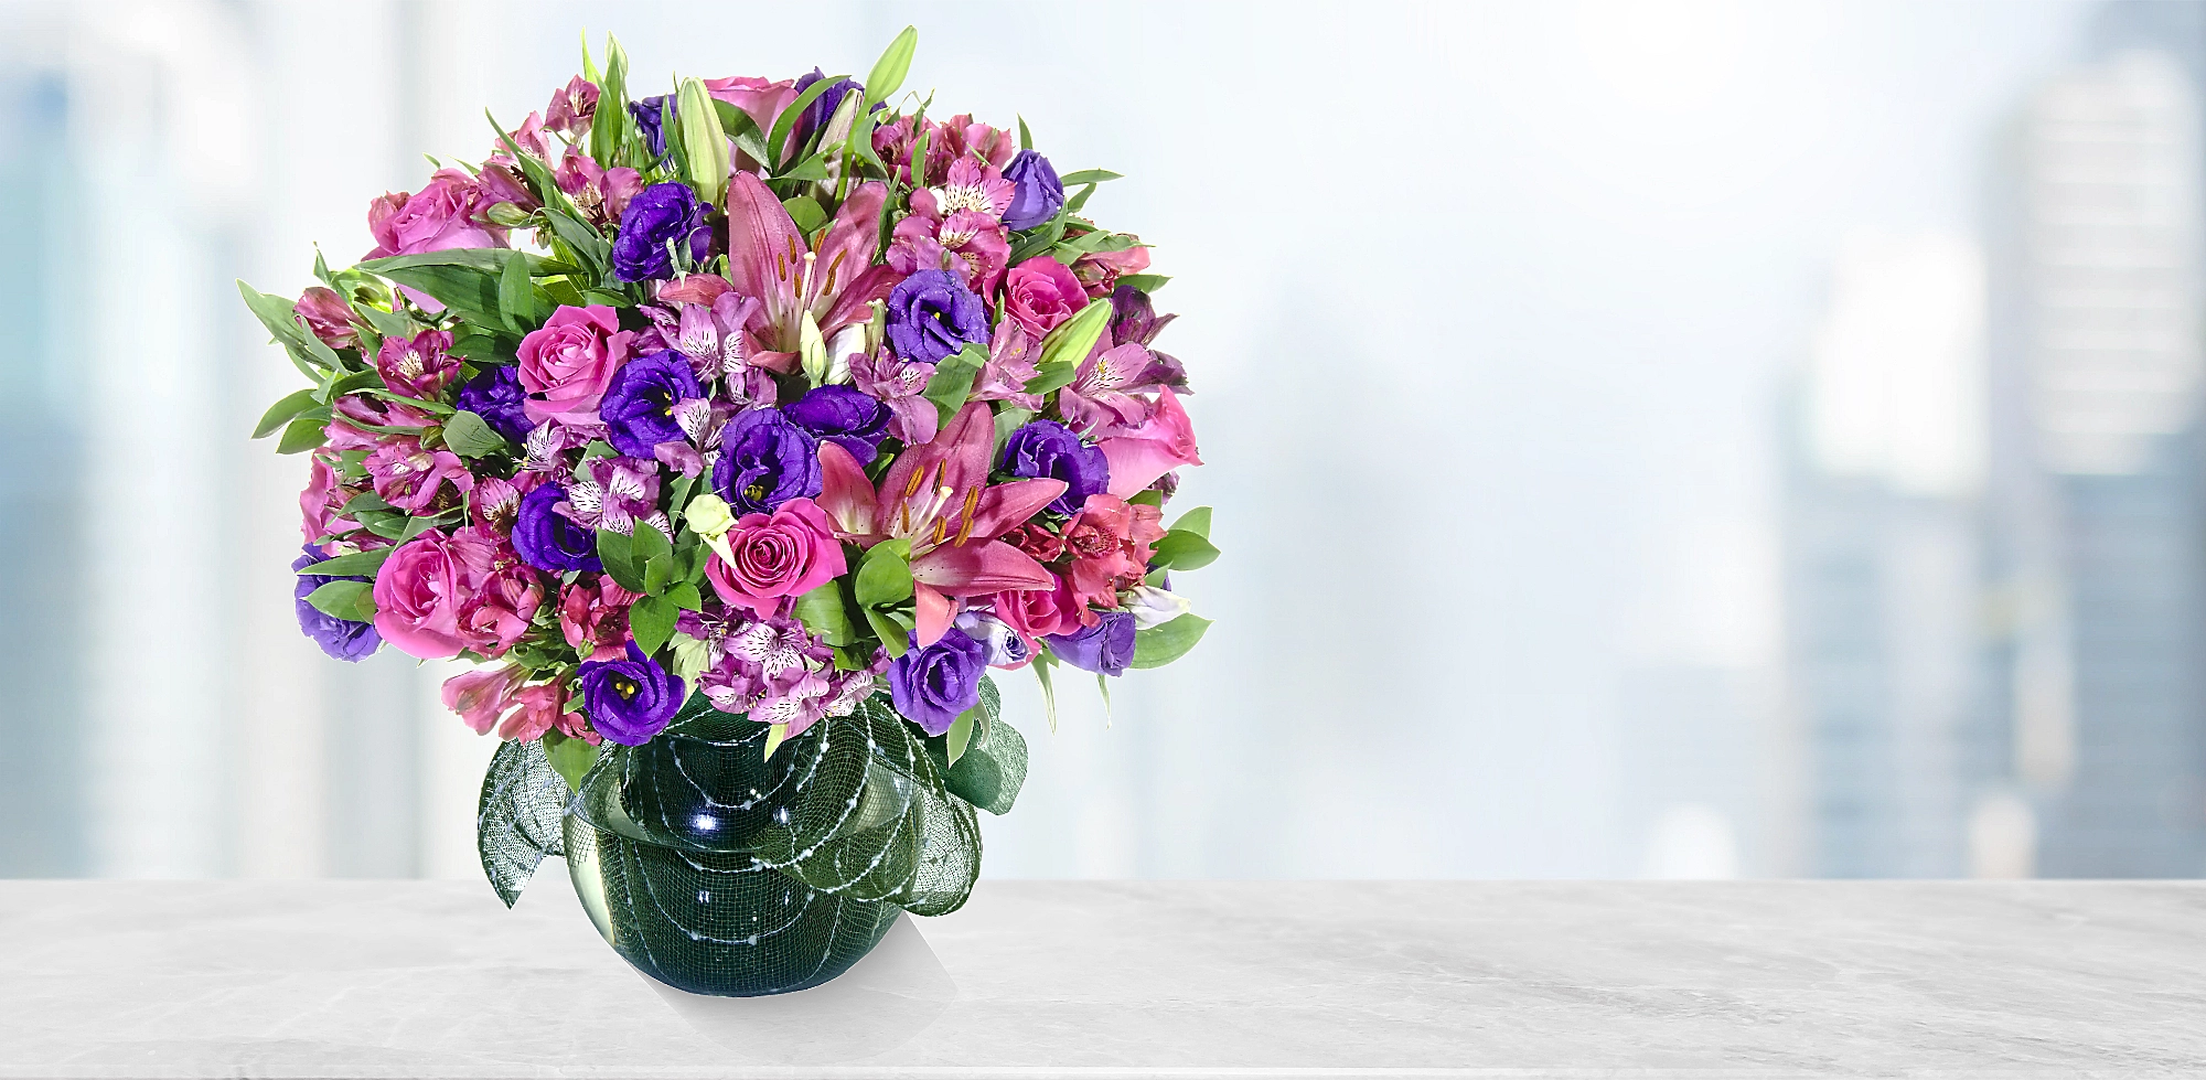 Espuma floral (3.0), Liliums Rosados (4.0), Lisianthus Morado (5.0), Astromelias (17.0), Decorado con papel arroz (1.0), Decorado con una malla simple (1.0), Ruscus (3.0), Rosa fucsia importada de tallo largo (12.0)